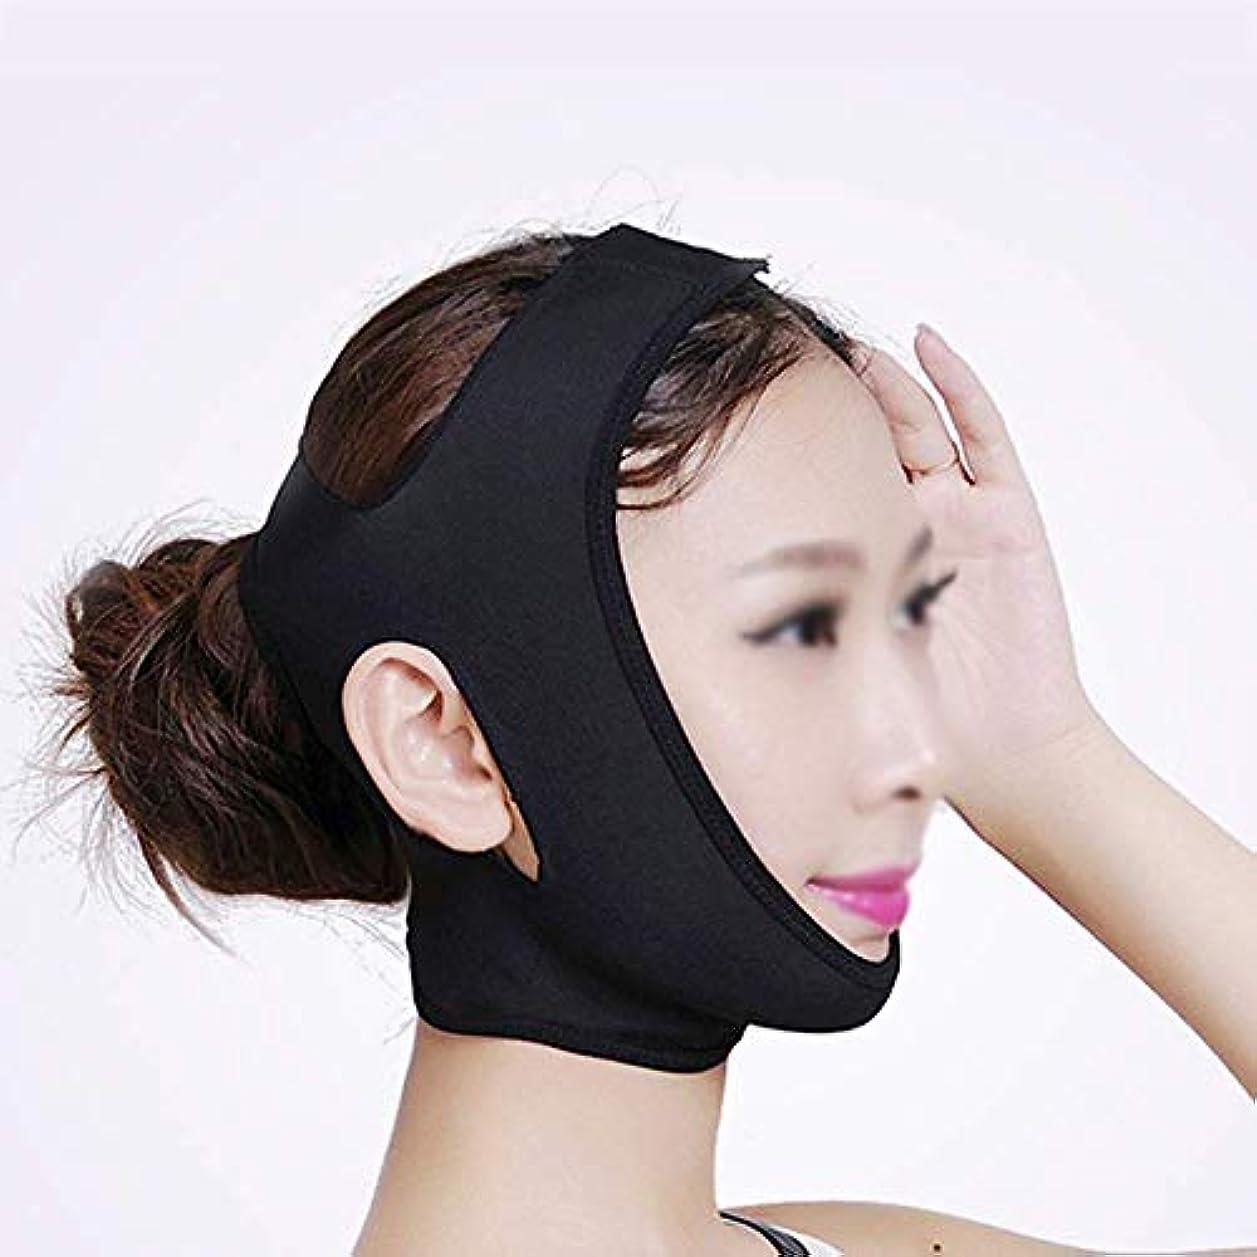 ホストサイクロプス説教フェイシャル減量マスクリフティングフェイス、フェイスマスク、減量包帯を除去するためのダブルチン、フェイシャルリフティング包帯、ダブルチンを減らすためのリフティングベルト(カラー:ブラック、サイズ:M),ブラック、XL